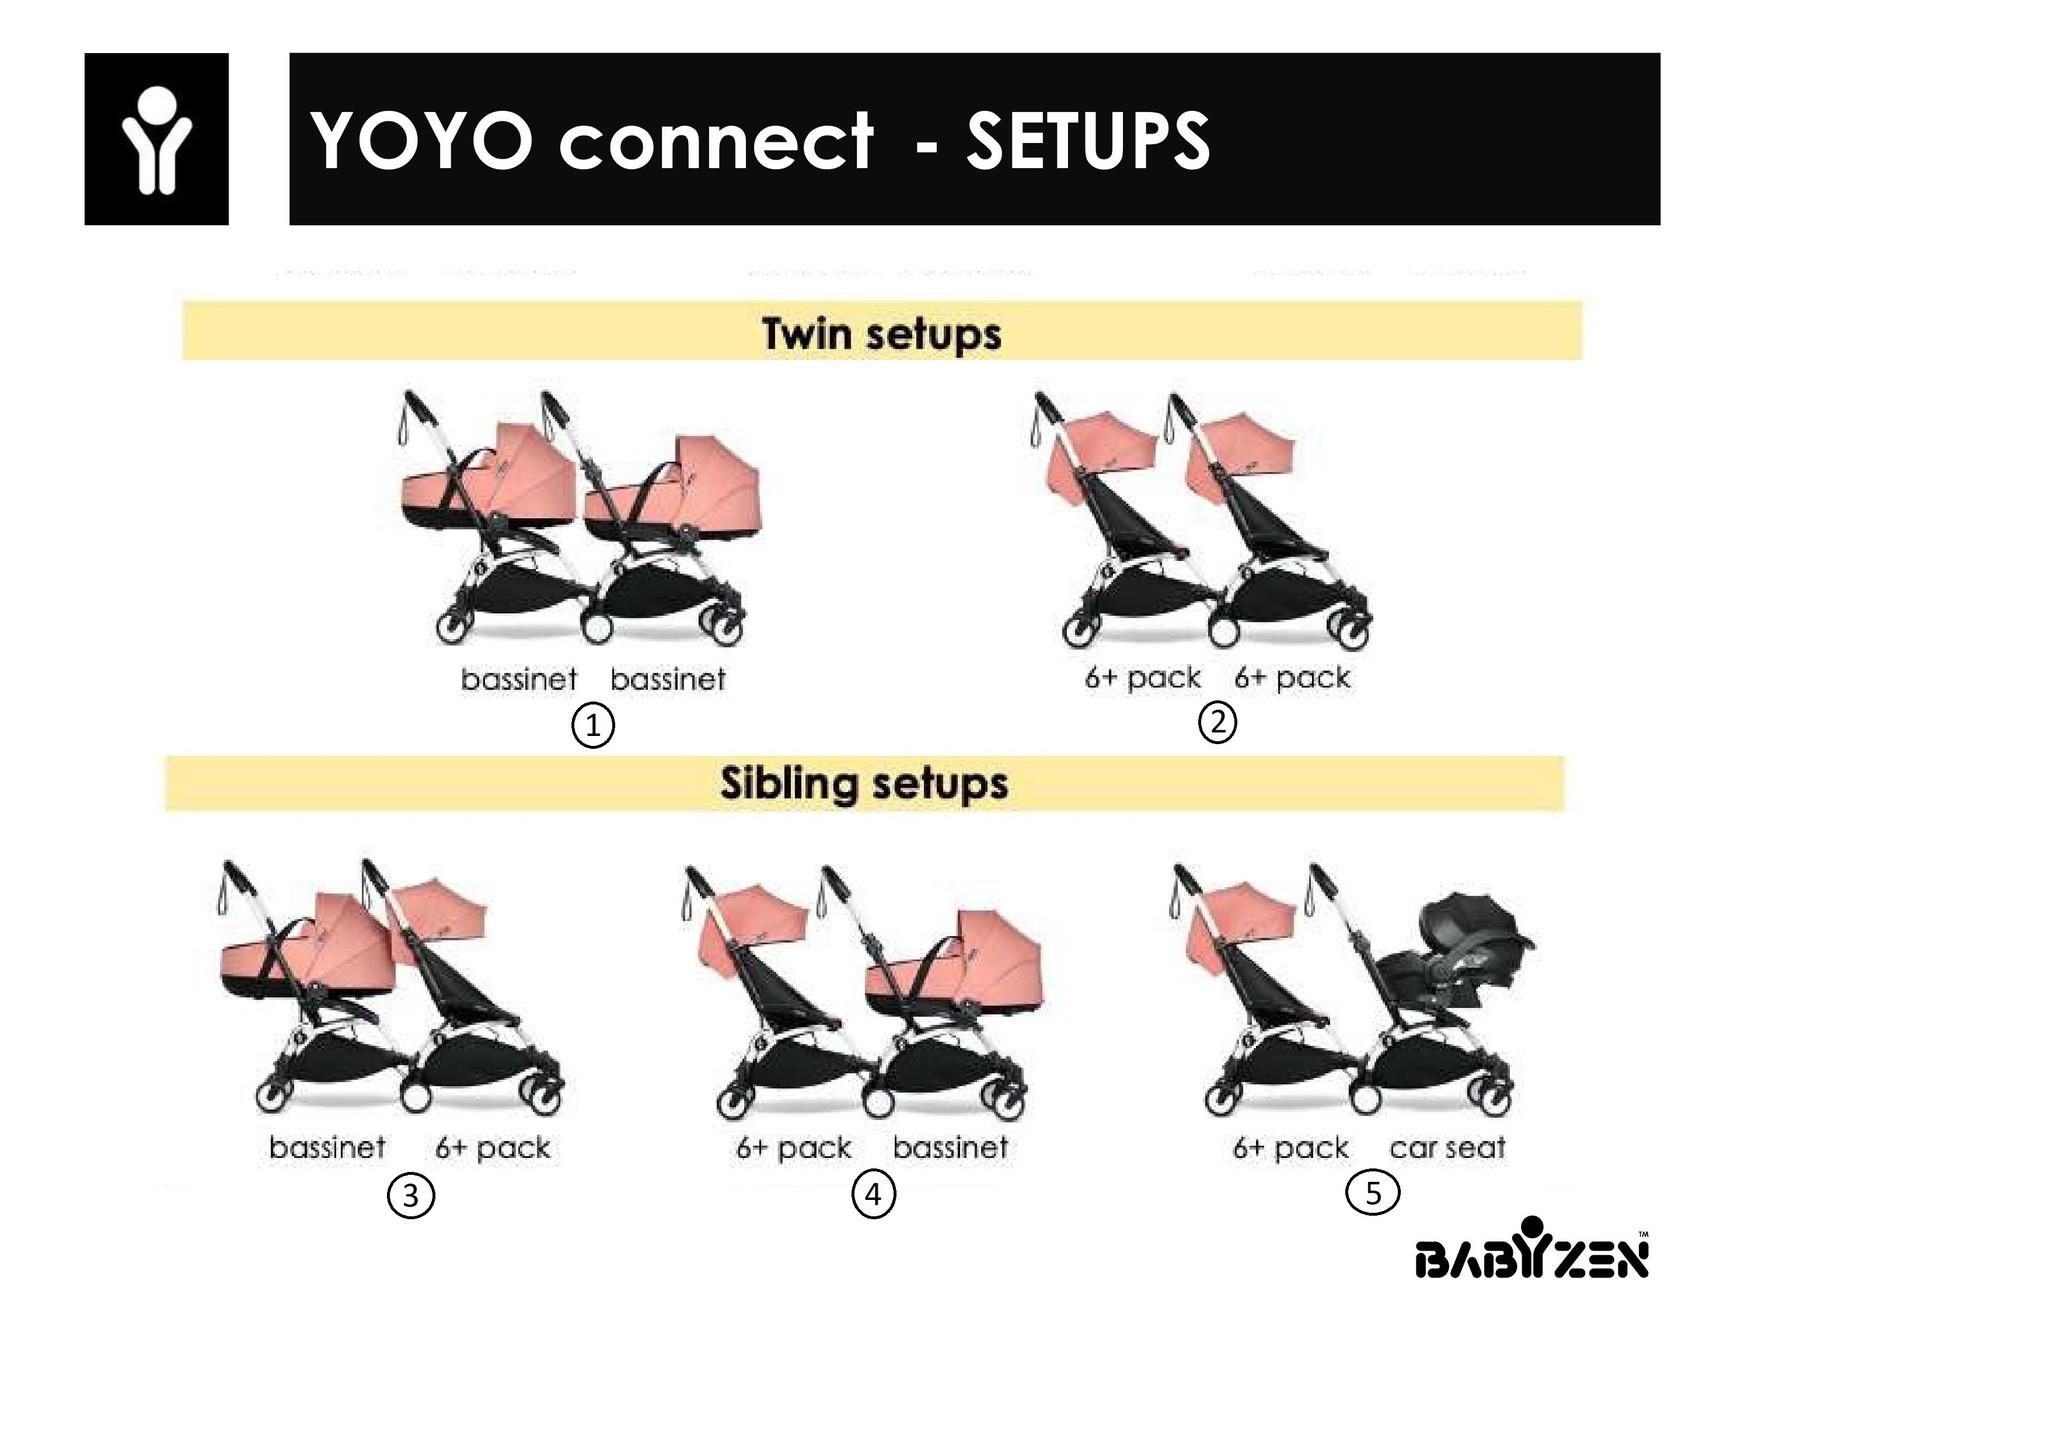 Babyzen Babyzen YOYO2 wit frame met CONNECT compleet voor 1 newborn en 1 kindje van 6 mnd + kleur zwart